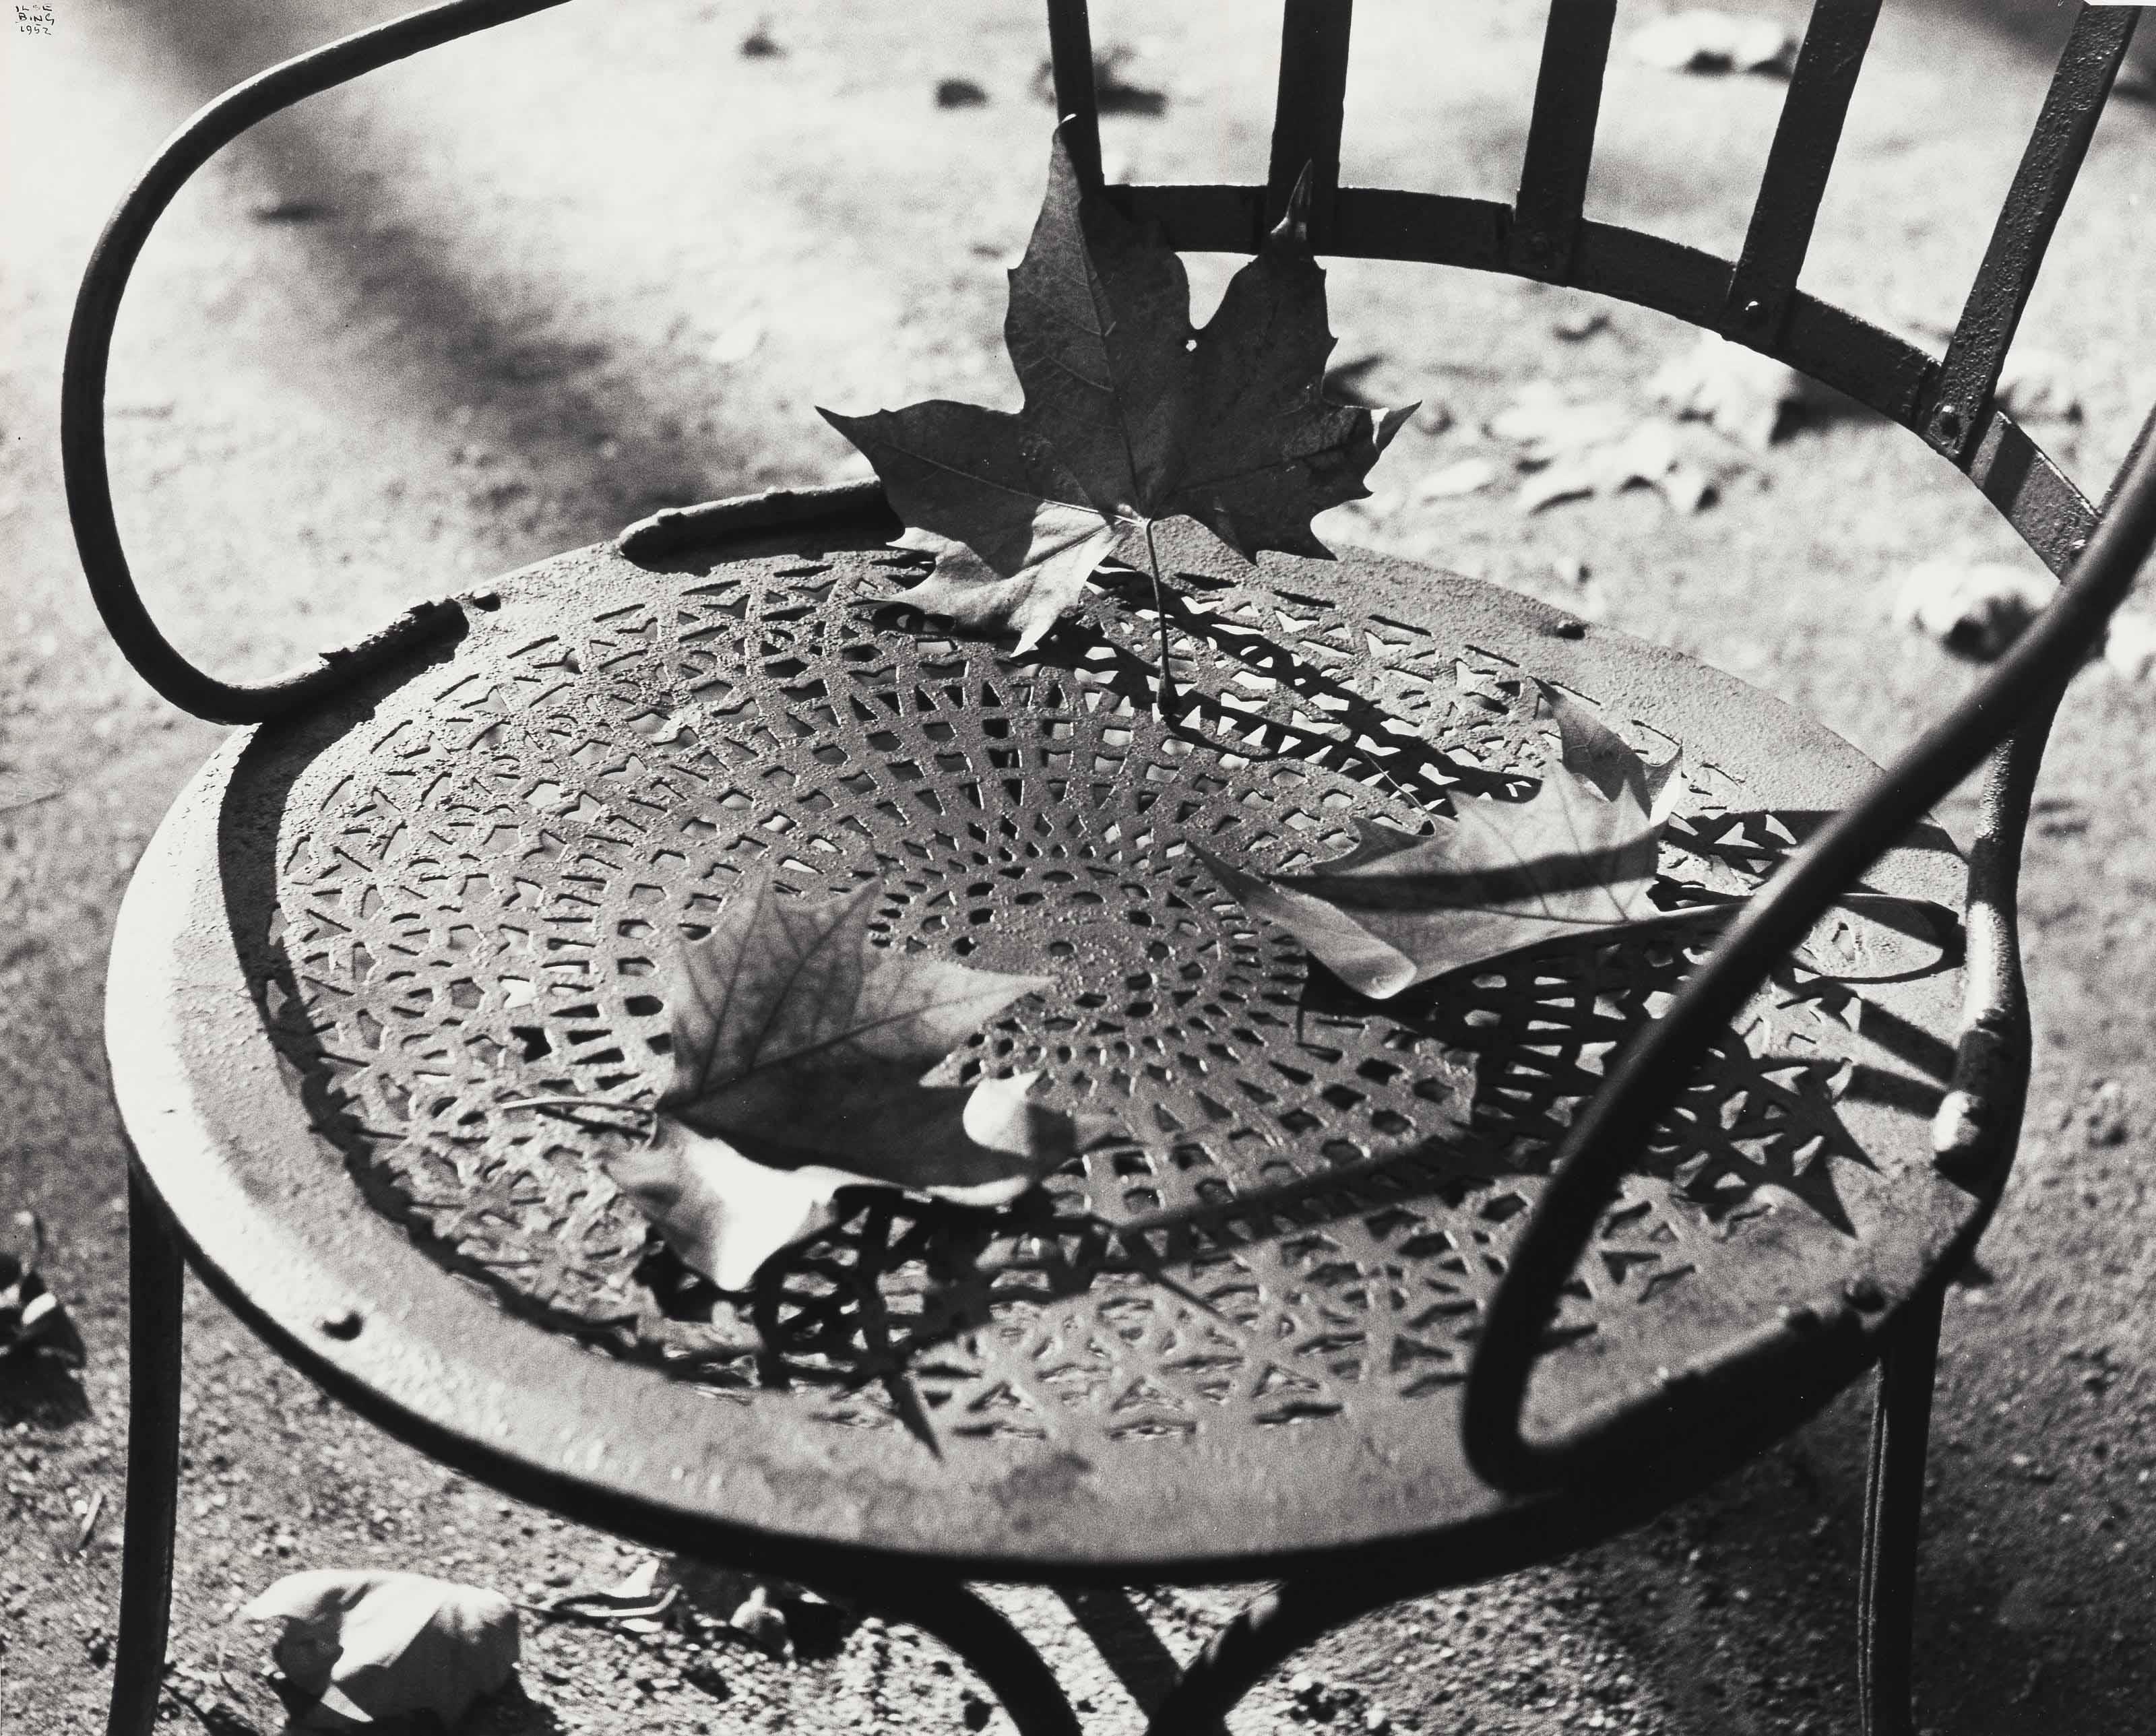 Chair with Dead Leaves, Jardin de Luxembourg, Paris, 1952